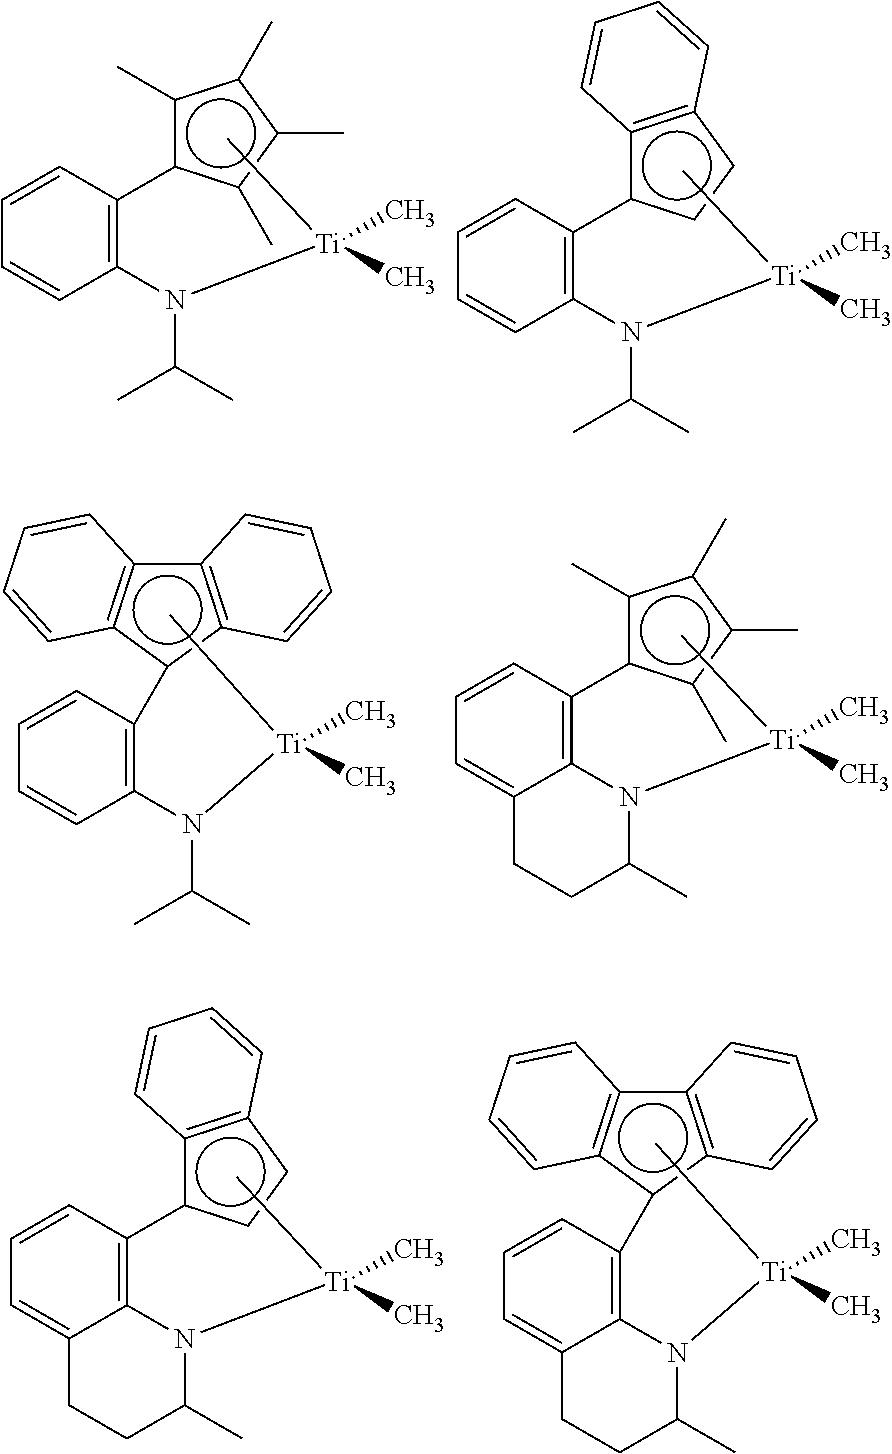 Figure US20110177935A1-20110721-C00008